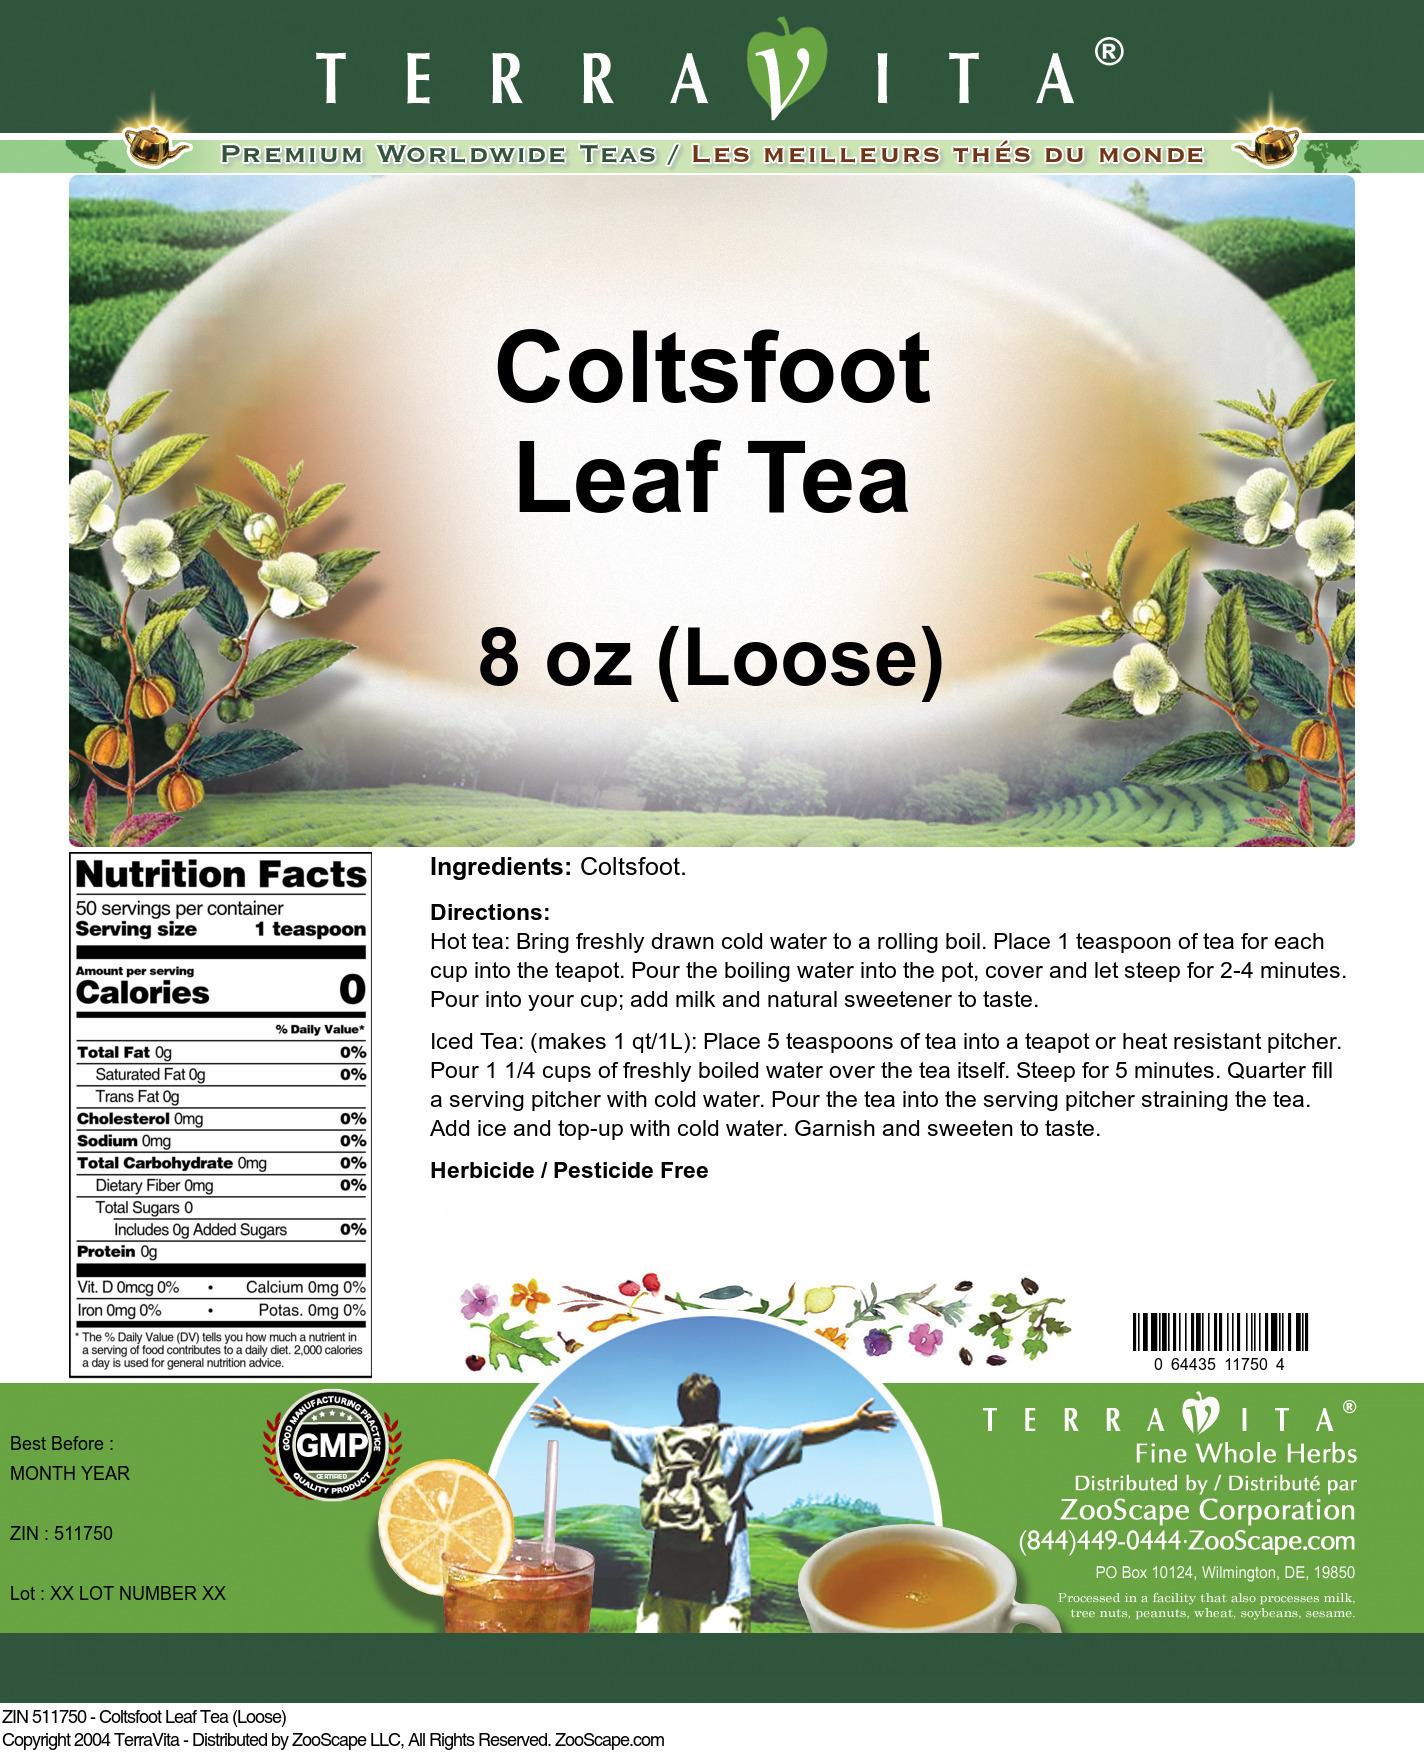 Coltsfoot Leaf Tea (Loose)